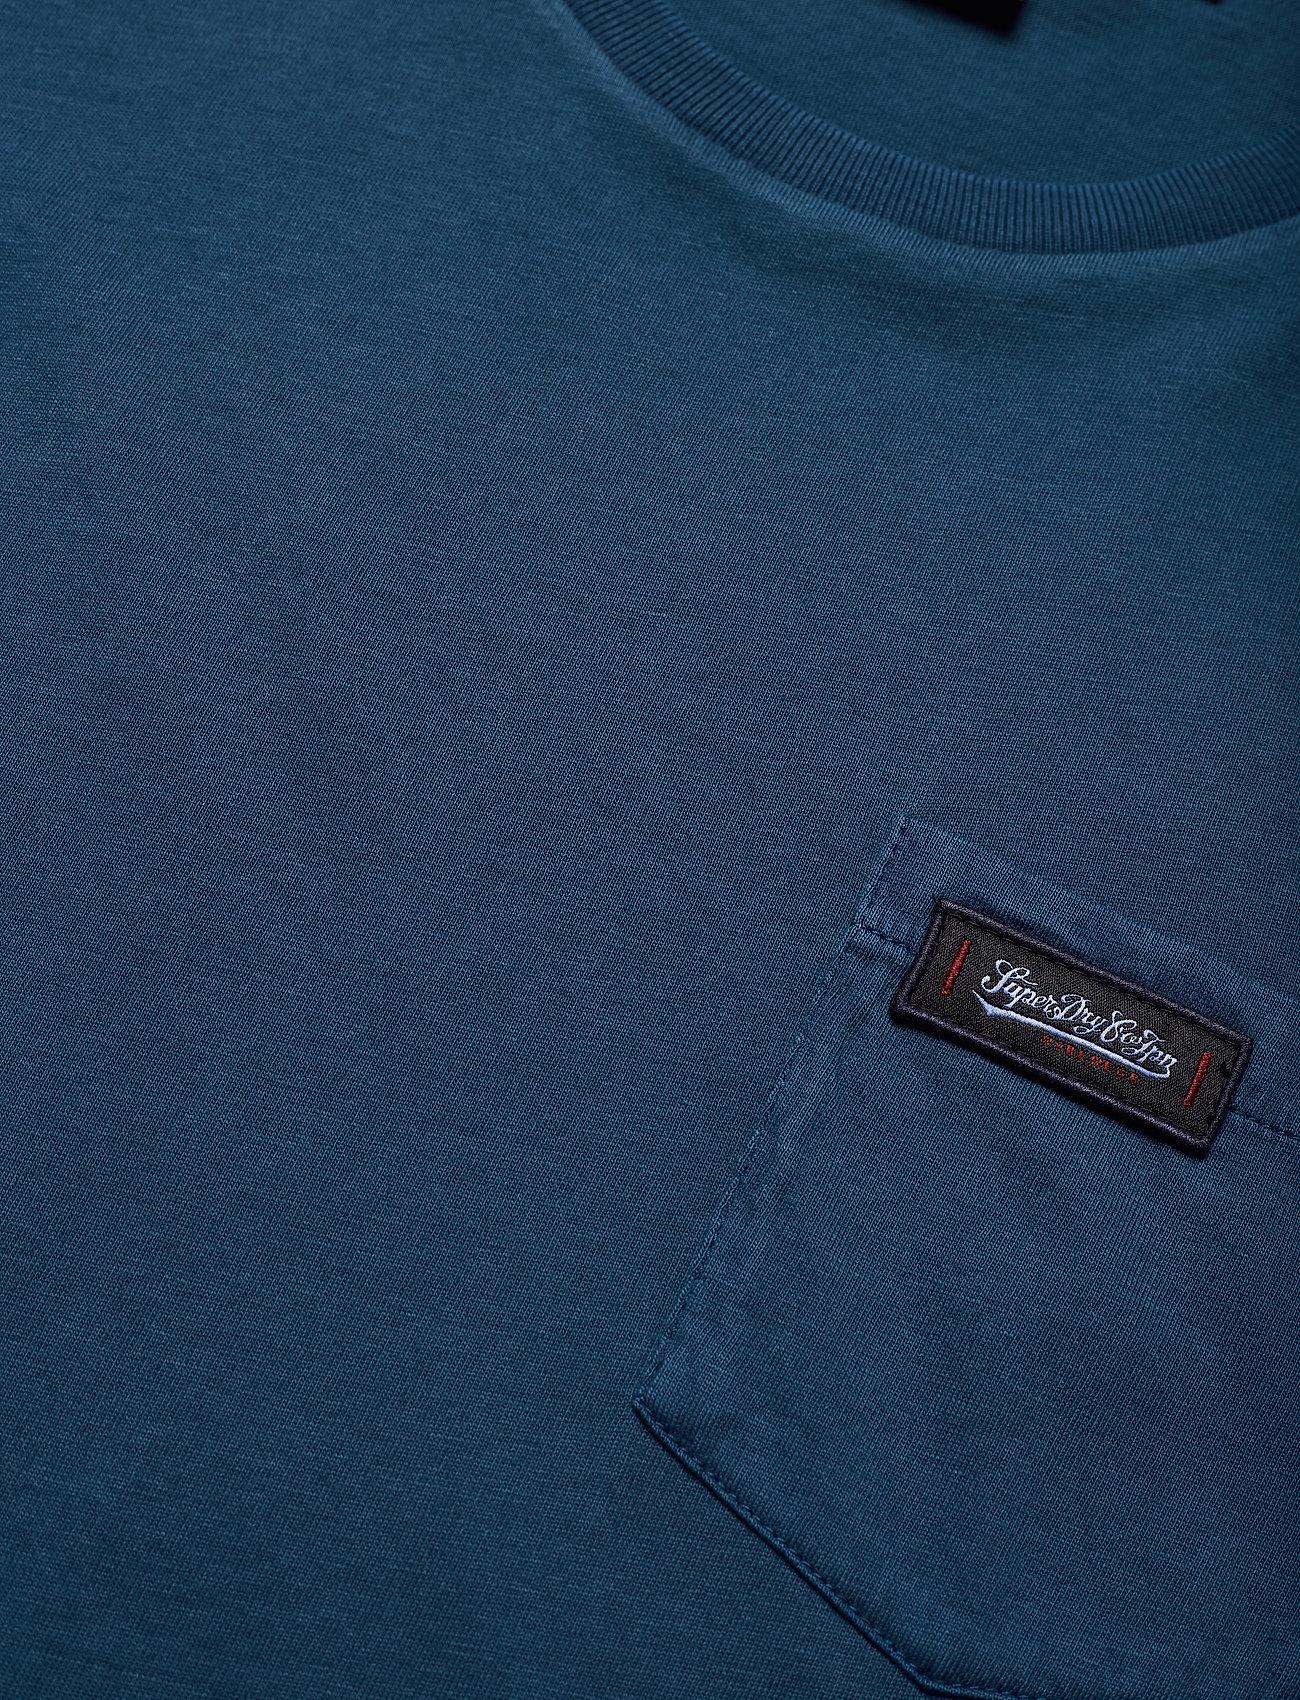 Superdry Dry Goods Pocket Tee - T-skjorter ENSIGN BLUE - Menn Klær